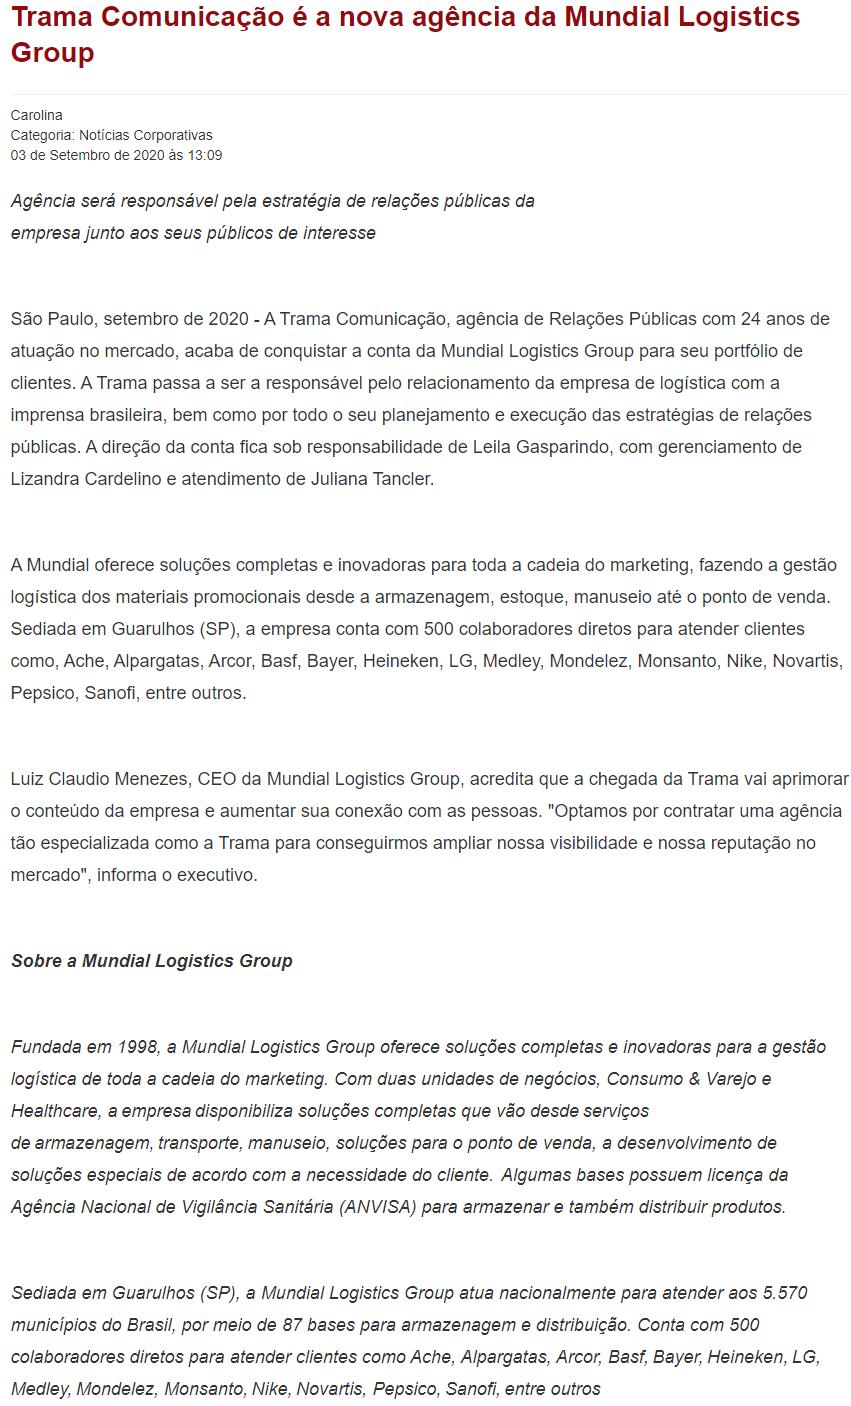 Trama Comunicação é a nova agência da Mundial Logistics Group - Portogente